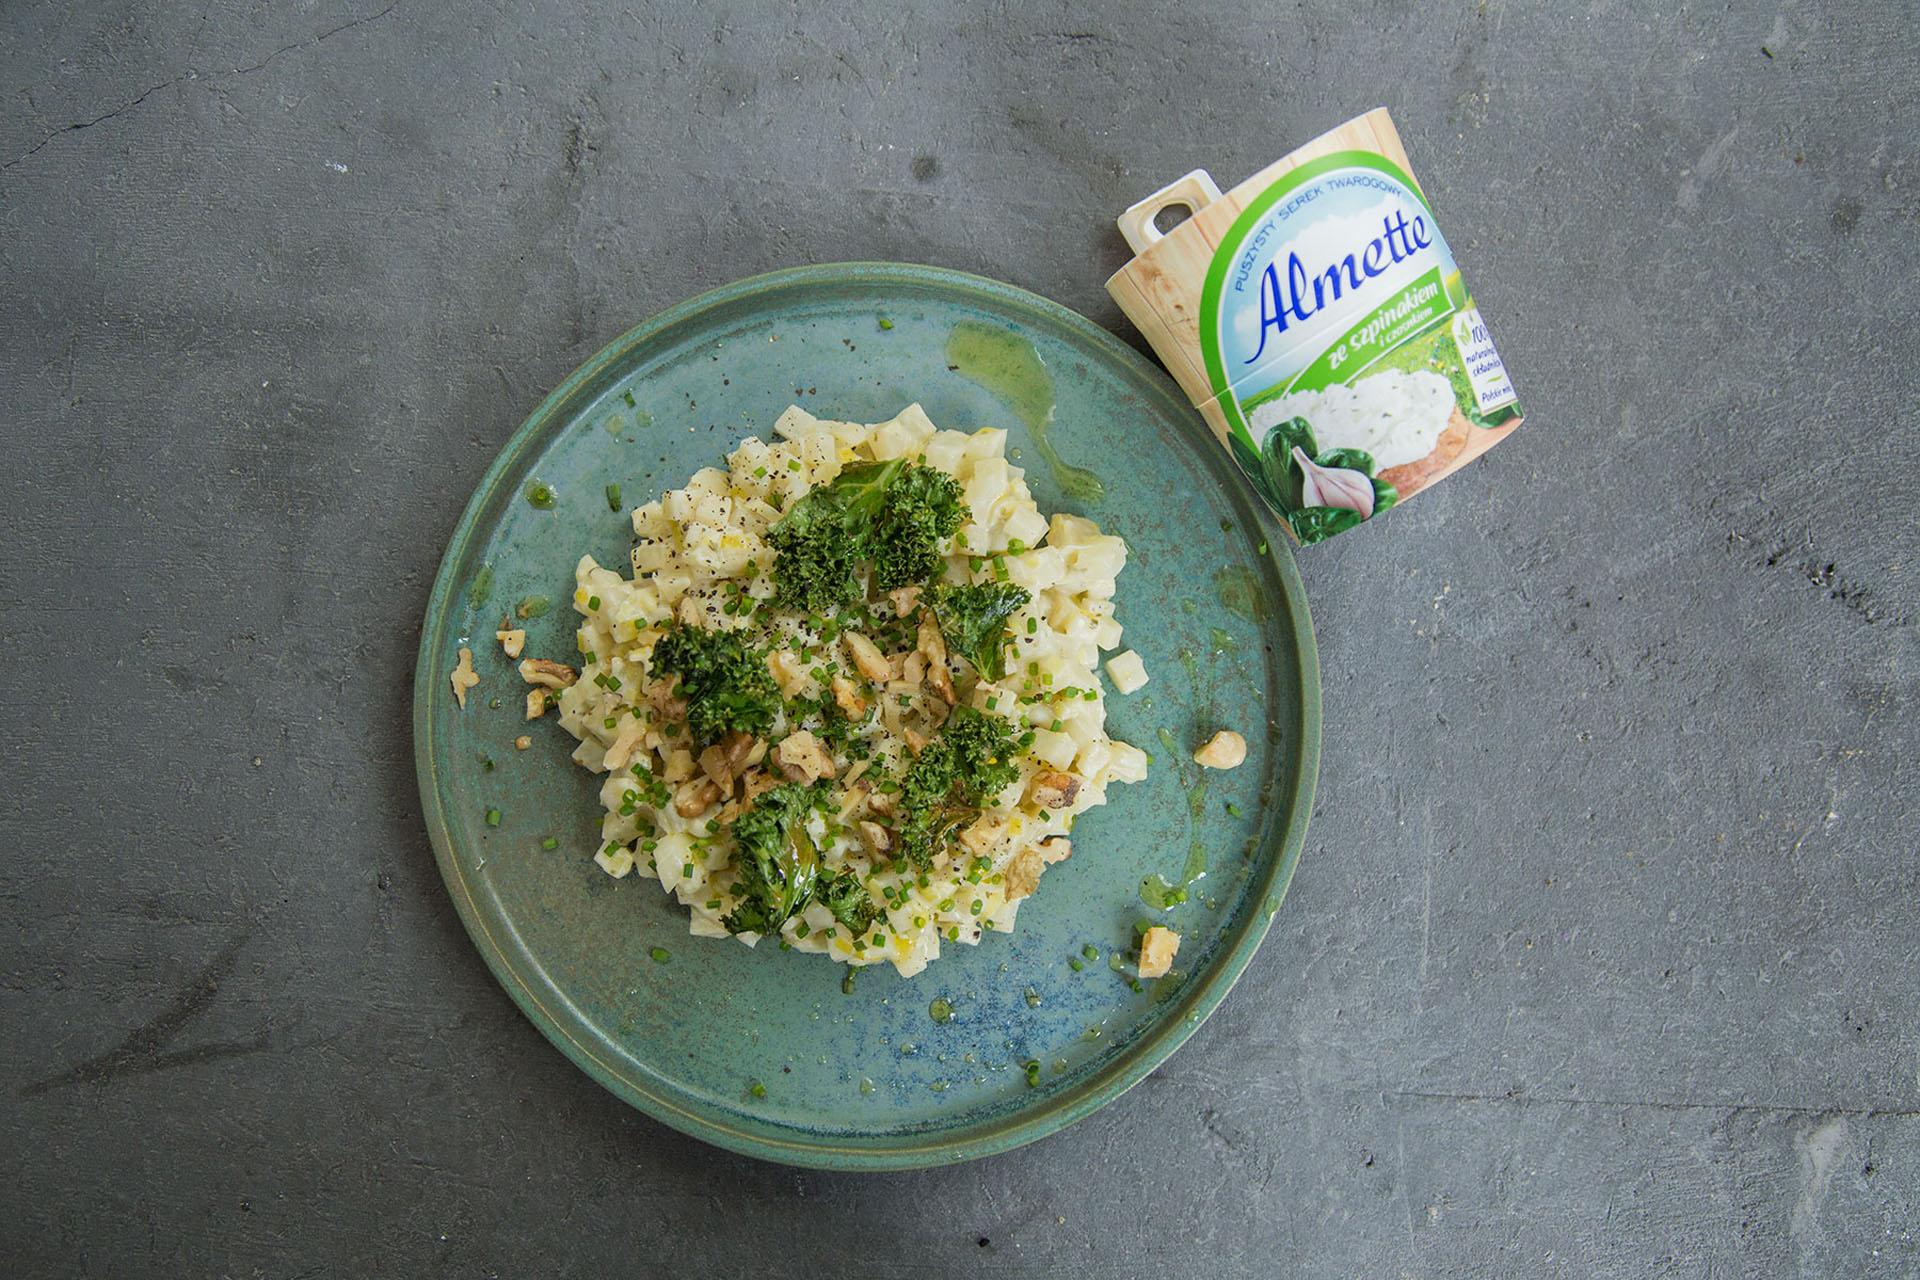 Selerowe risotto z serkiem Almette ze szpinakiem i czosnkiem oraz orzechami włoskimi.